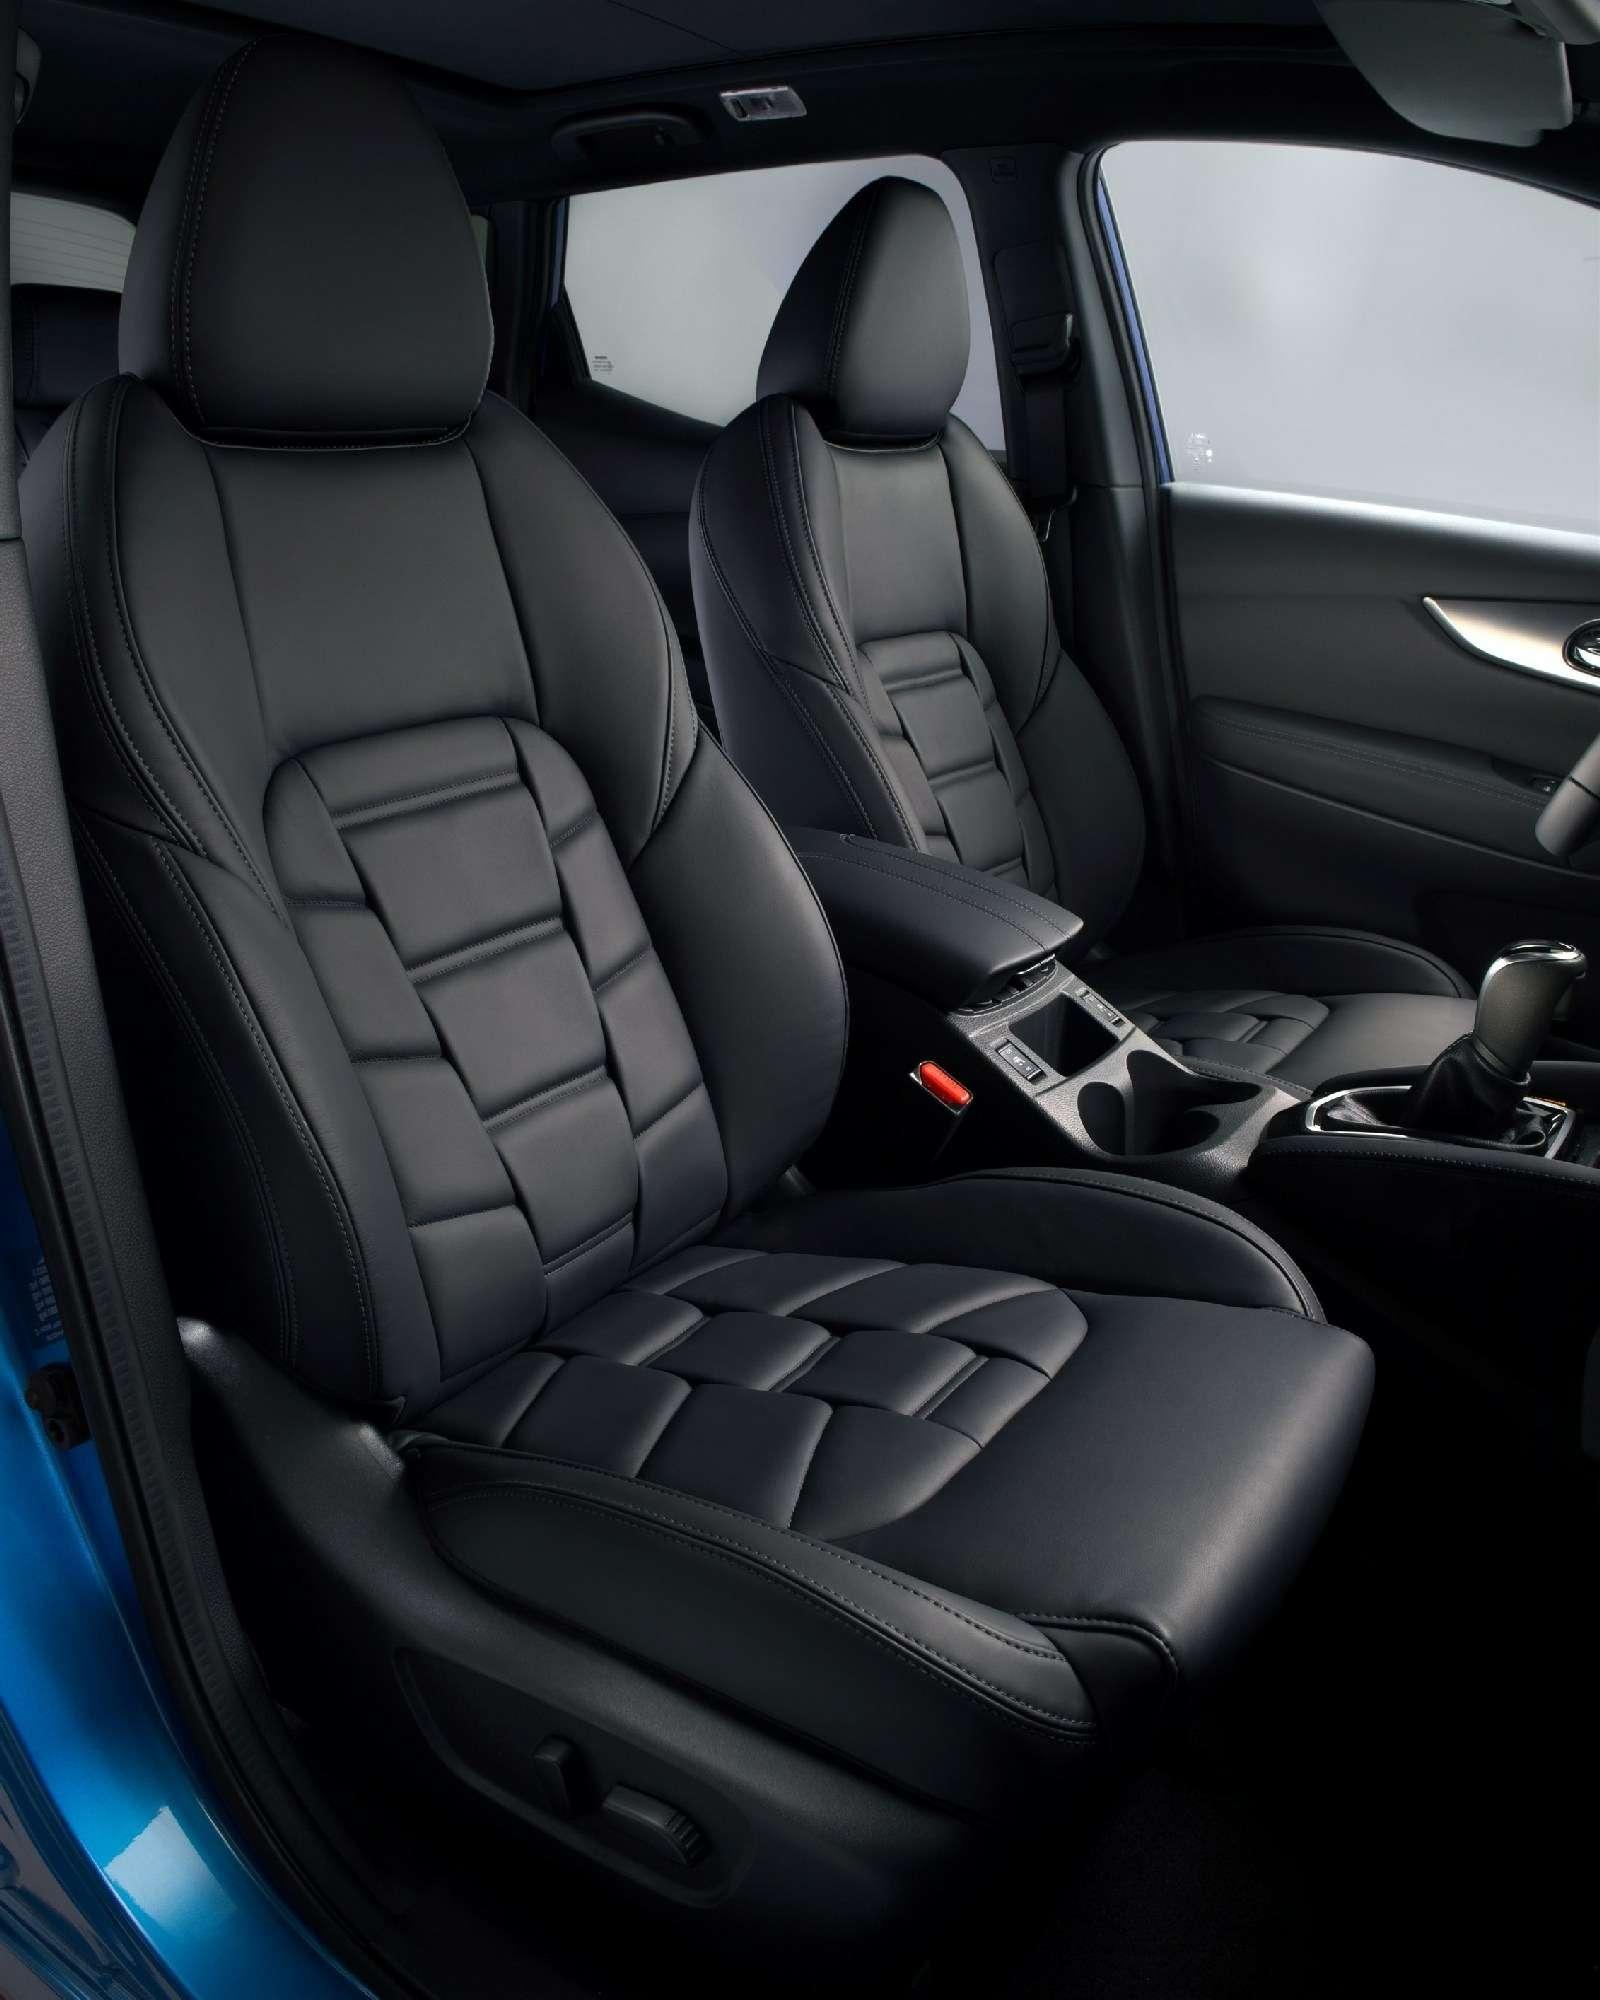 Обновленный Nissan Qashqai: европейский бестселлер самериканским лицом— фото 717719